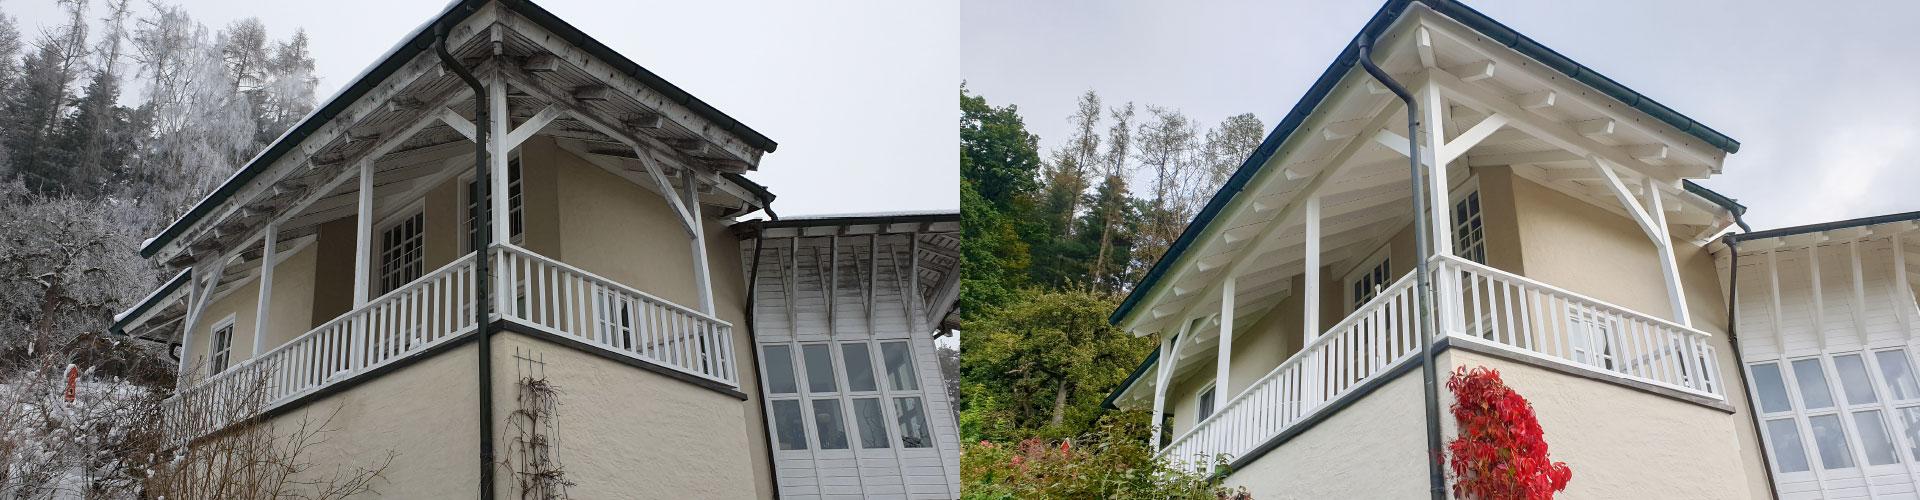 Fassade - Vergleich vorher und nachher